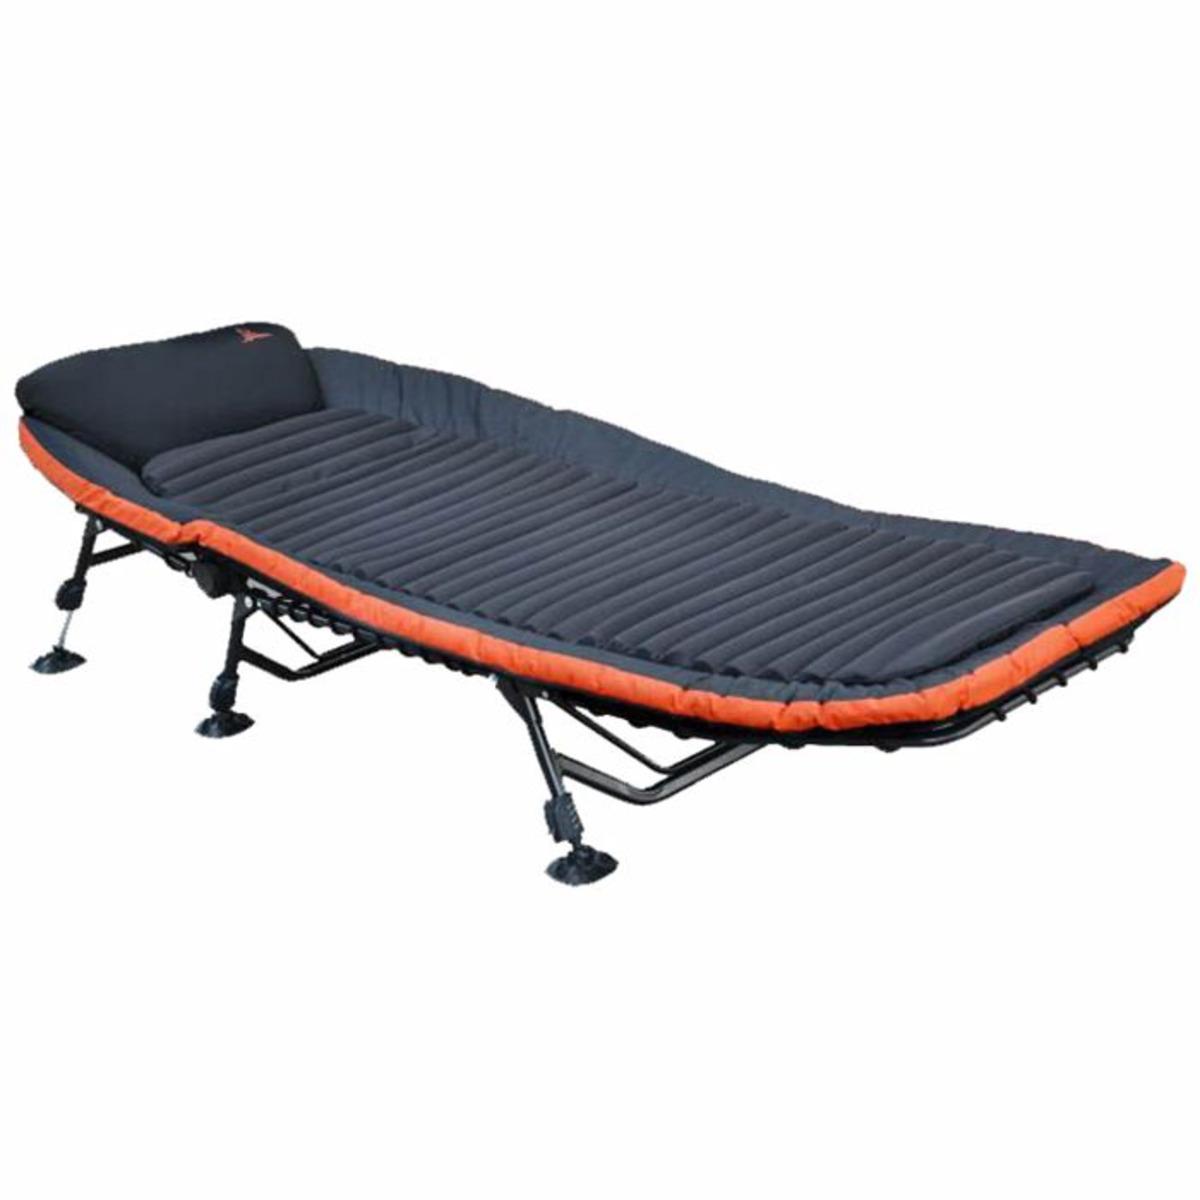 Radical Session Chiller Bed Chair Mark 2 - 2.1 m - 82x40 cm - Black